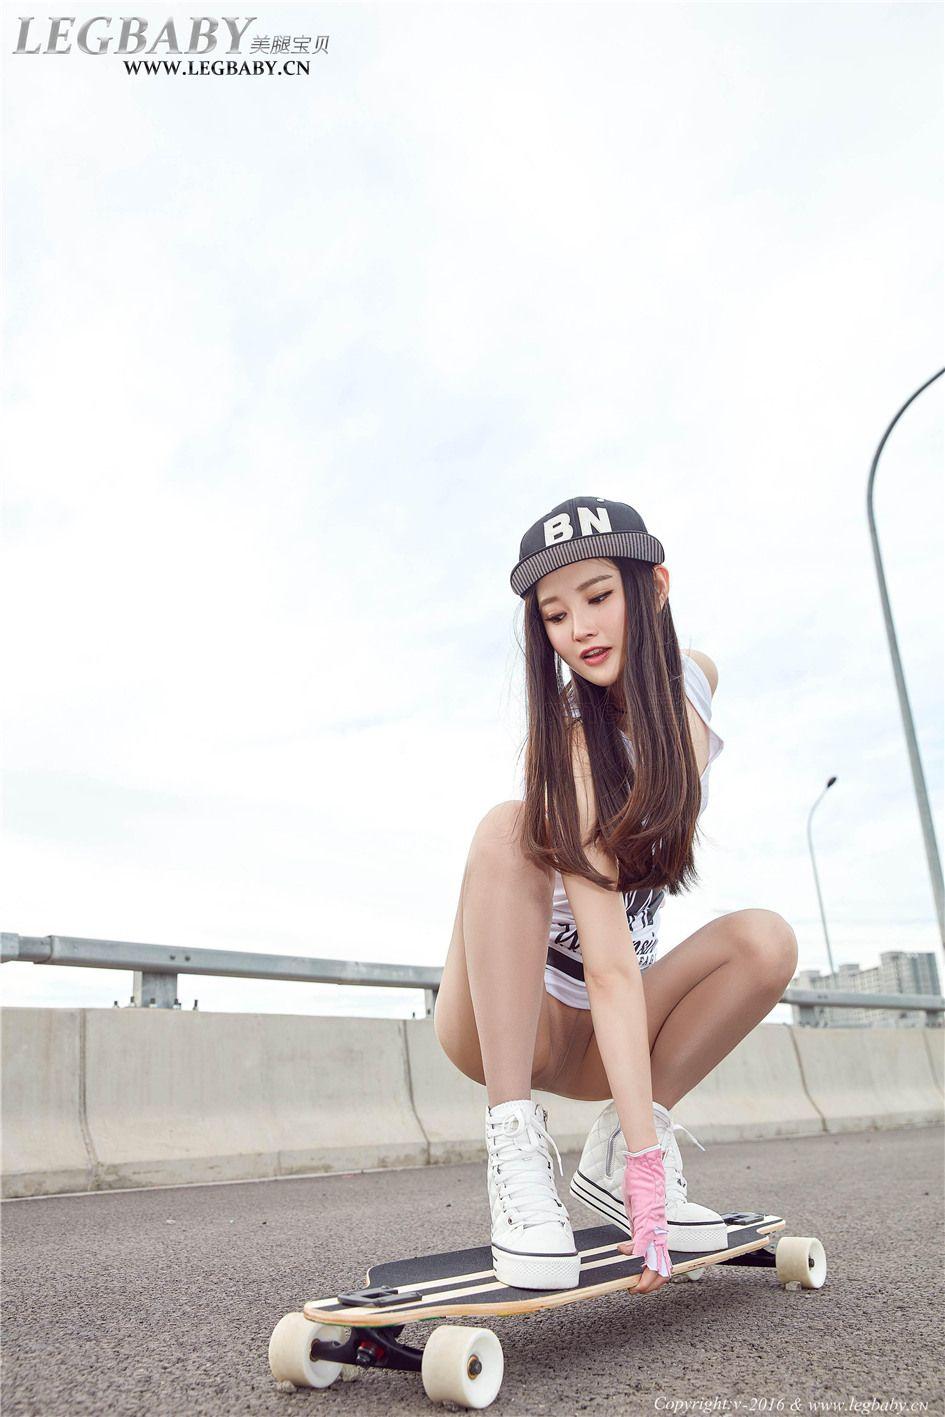 [美腿宝贝] 国内滑板美女潇潇性感亮丝美腿街拍套图 NO.0